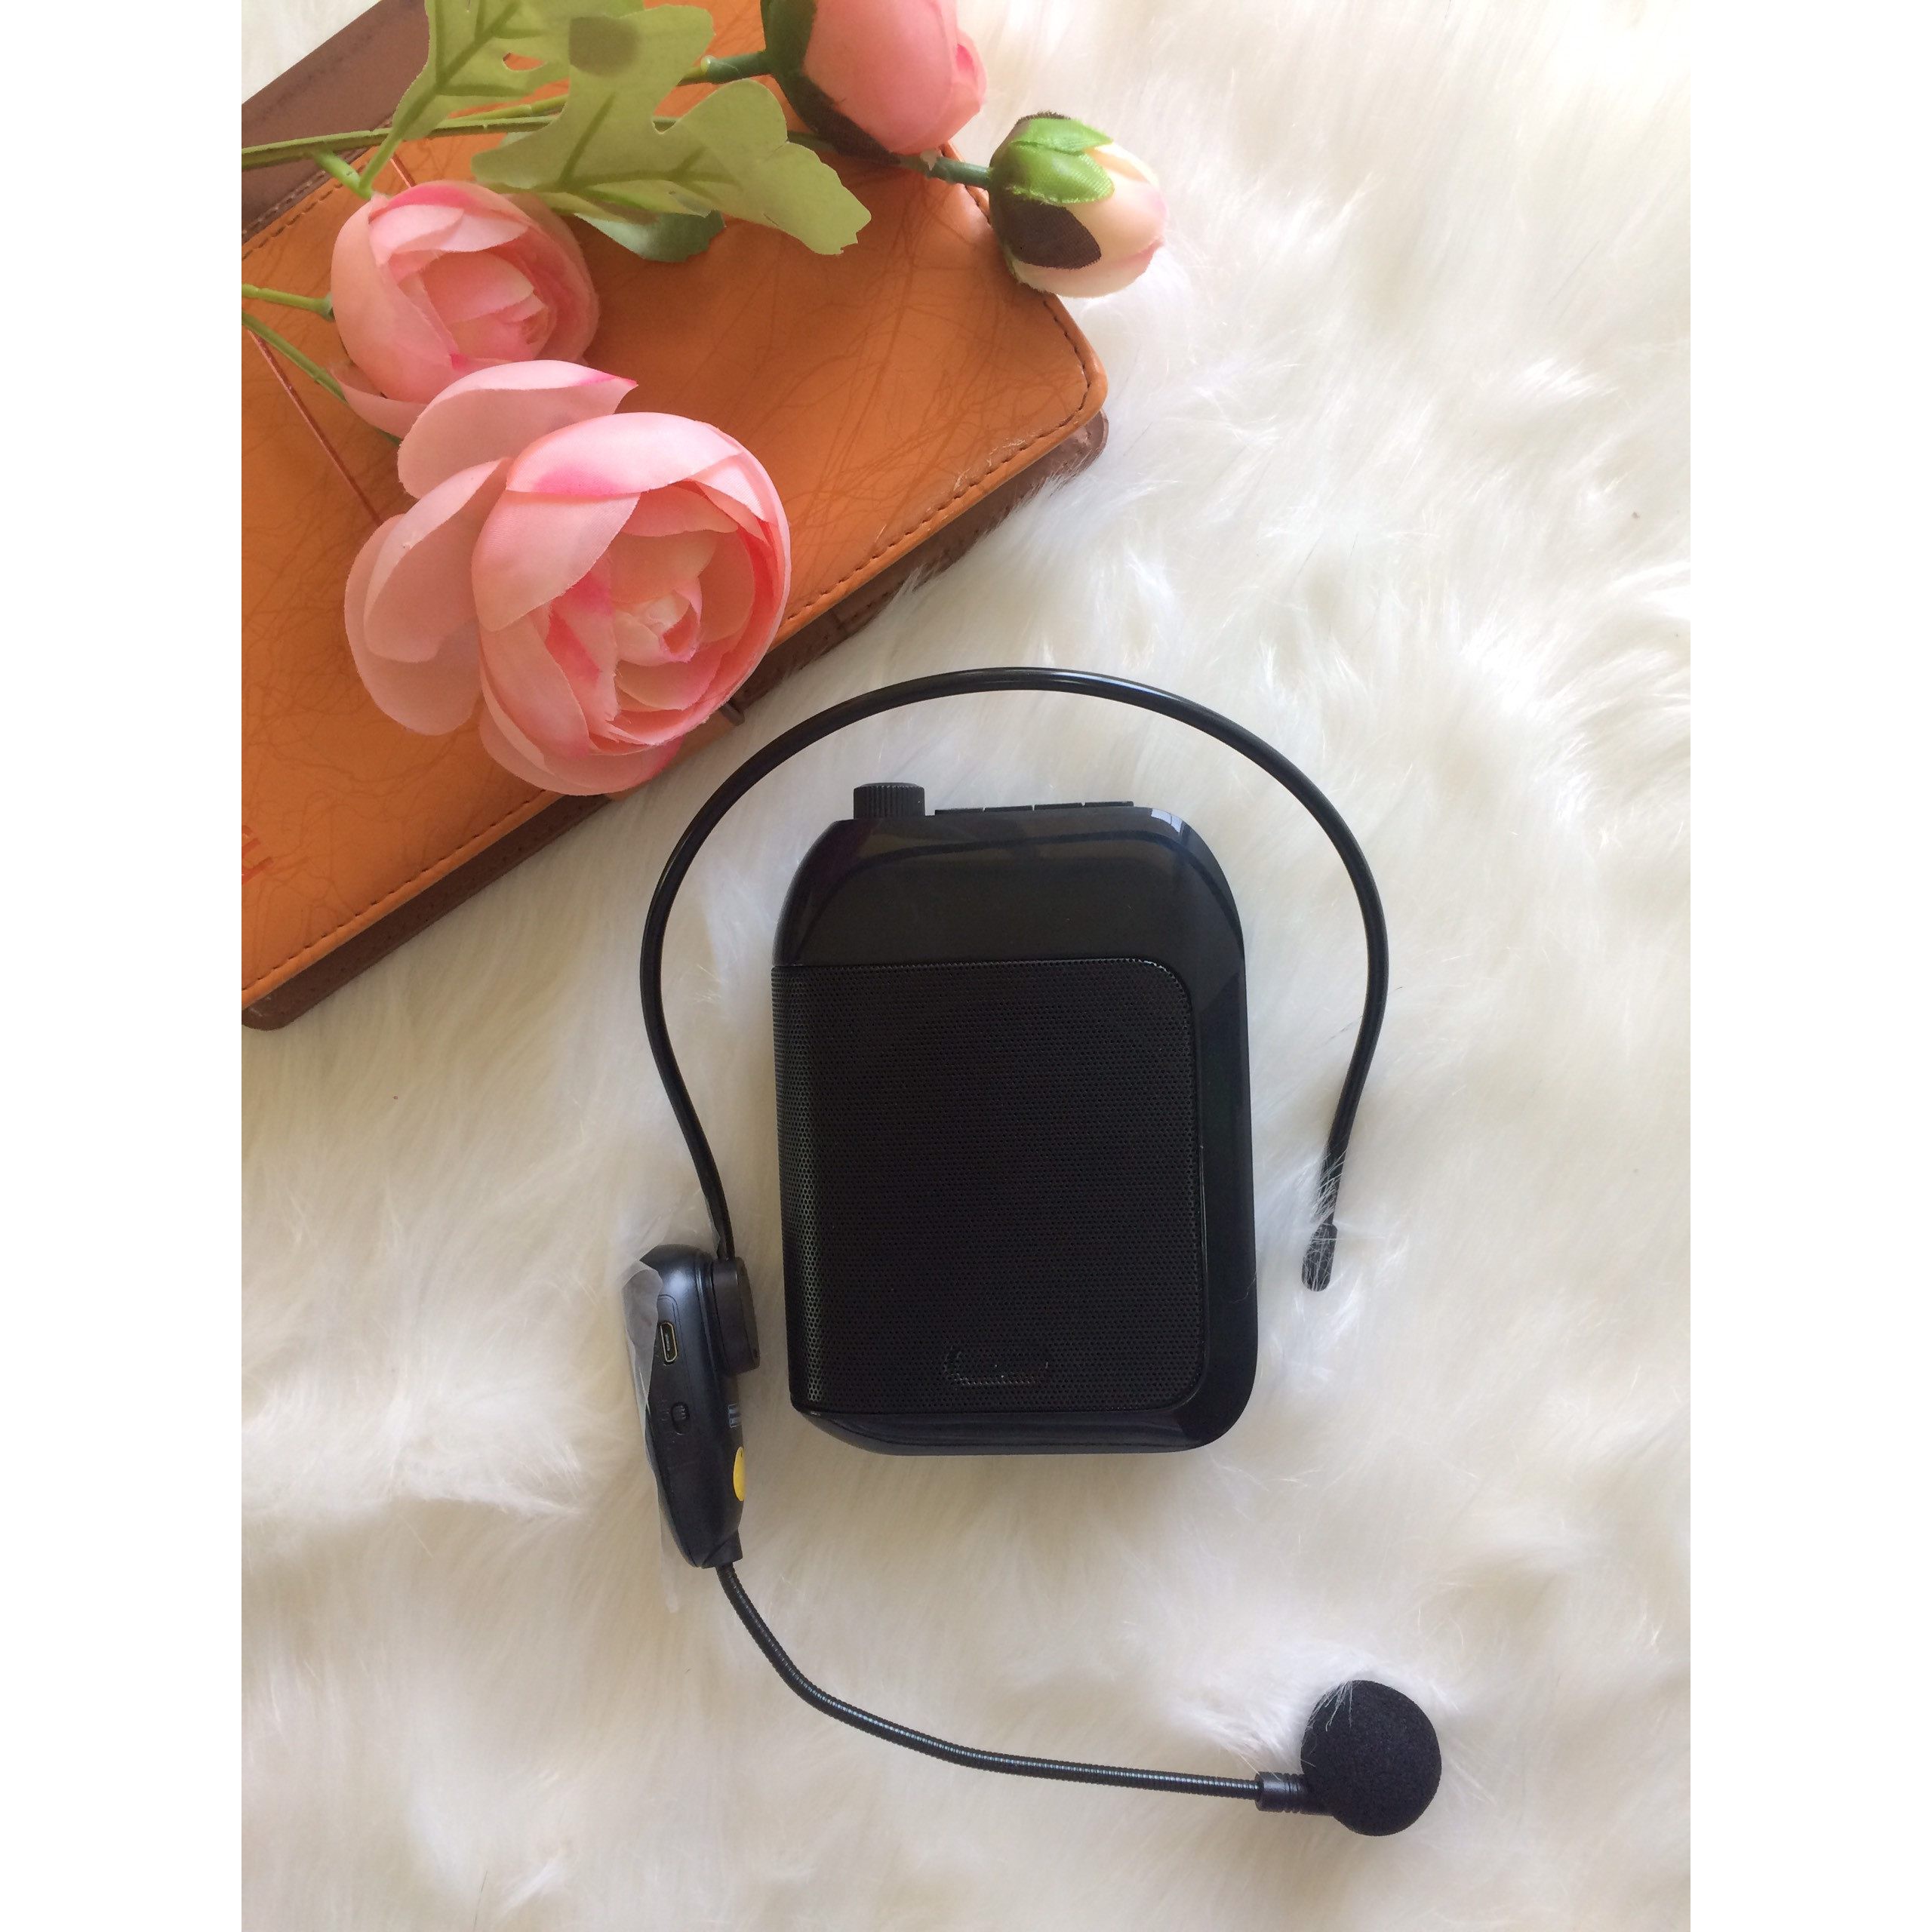 Máy trợ giảng G2022 không dây Bluetooth 5.0 chống nhiễu , bắt xa ổn định, không rè, âm thanh trung thực đầy đủ các chức năng- Hàng Chính Hãng